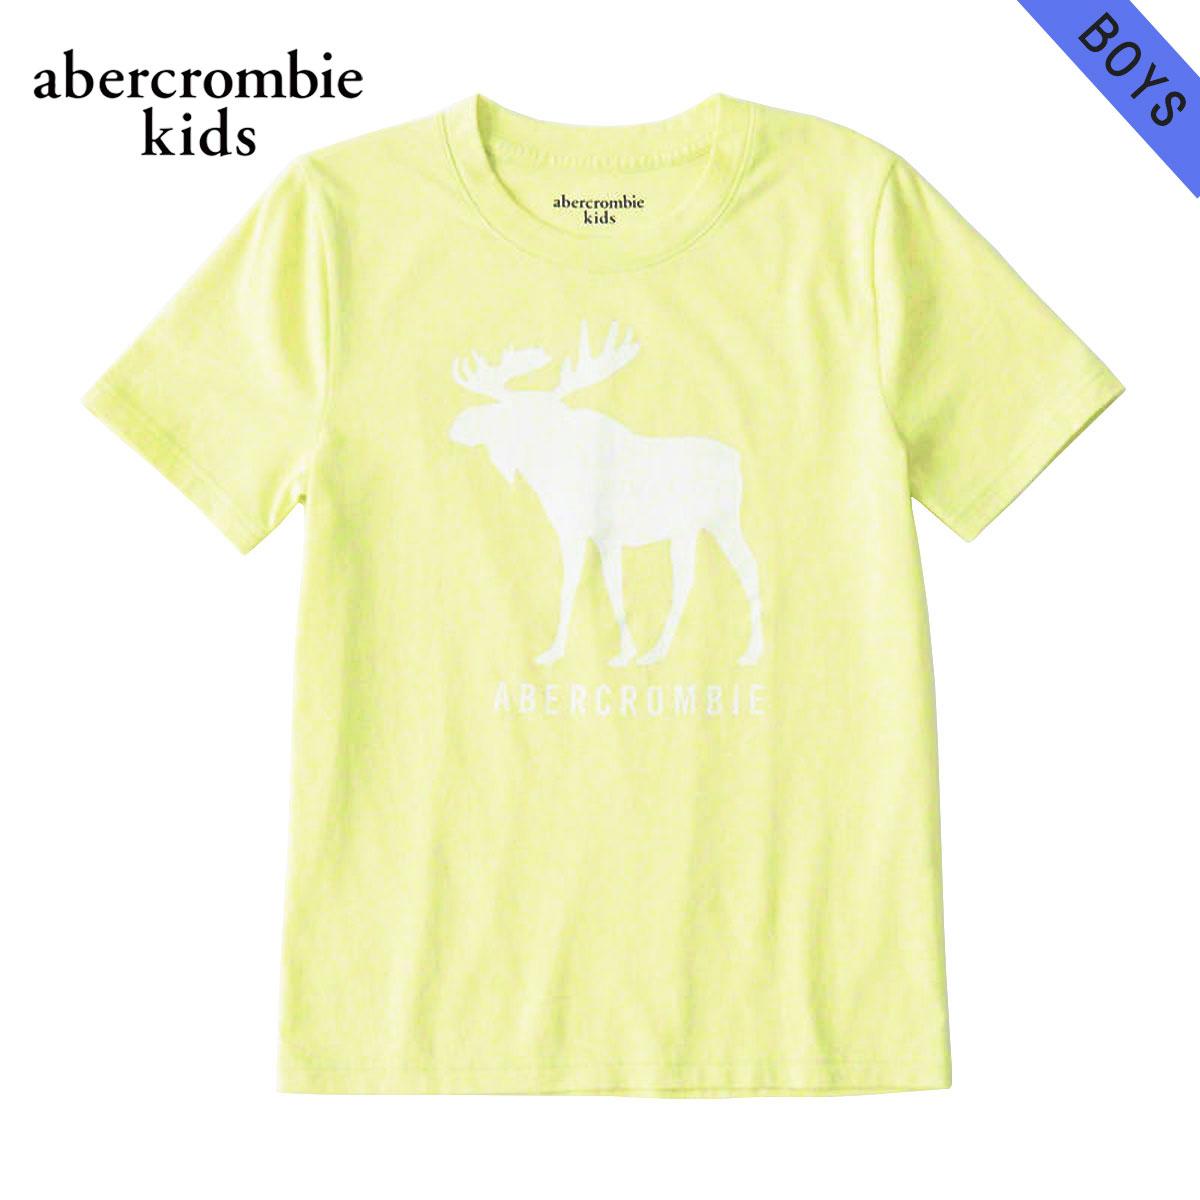 アバクロキッズ AbercrombieKids 正規品 子供服 ボーイズ 半袖Tシャツ color-changing graphic tee 257-891-0103-080